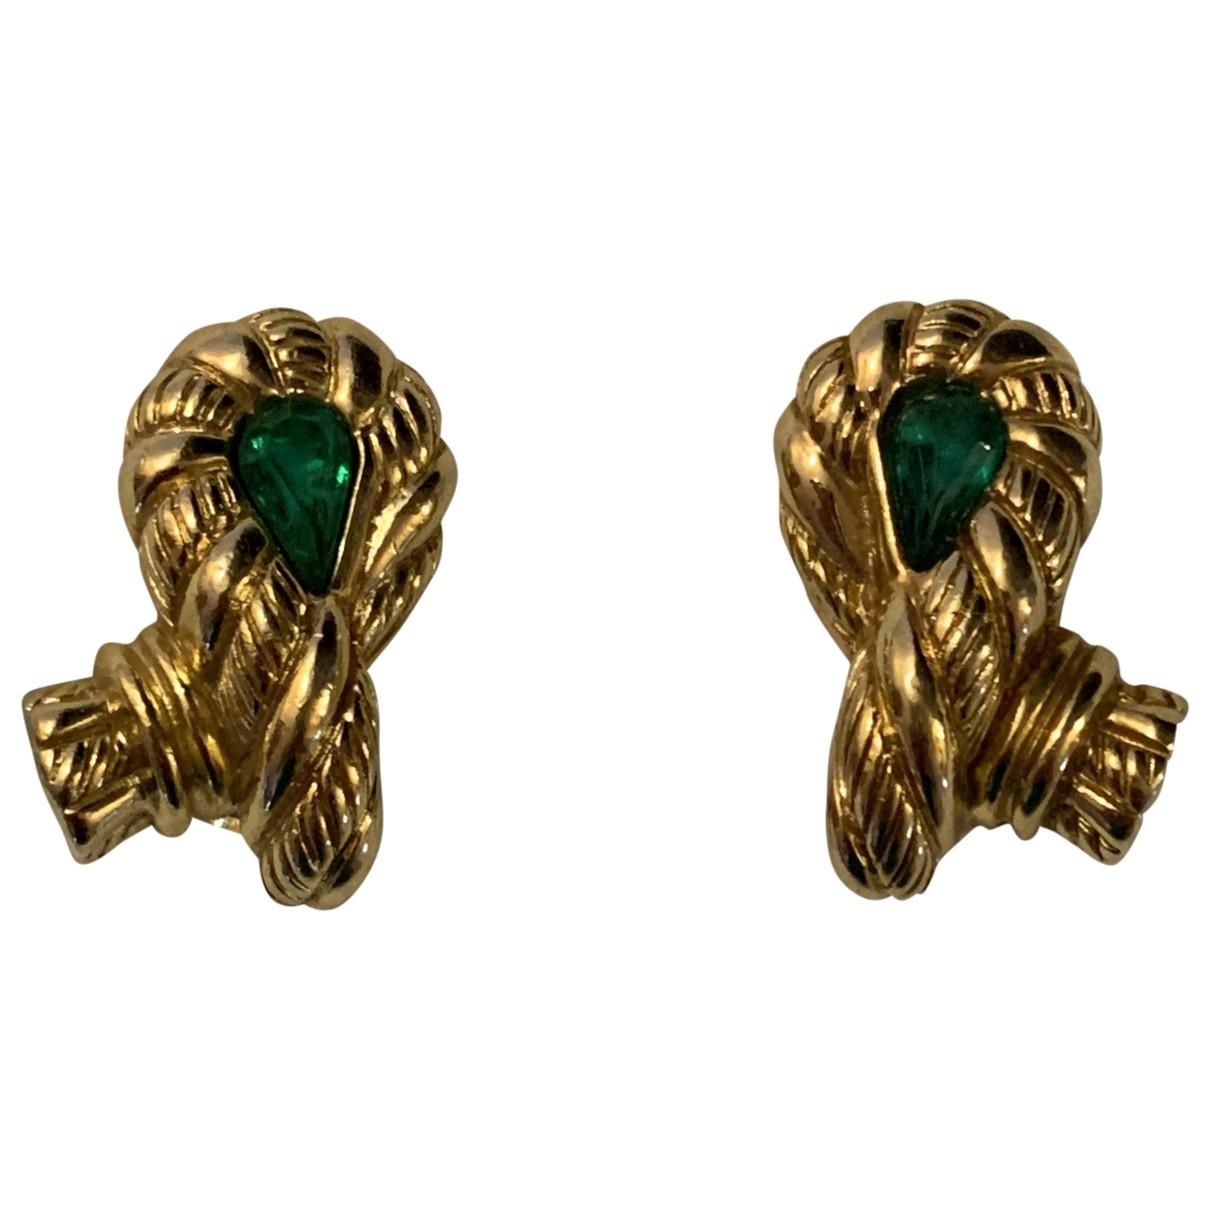 Grosse N Gold Metal Earrings for Women N